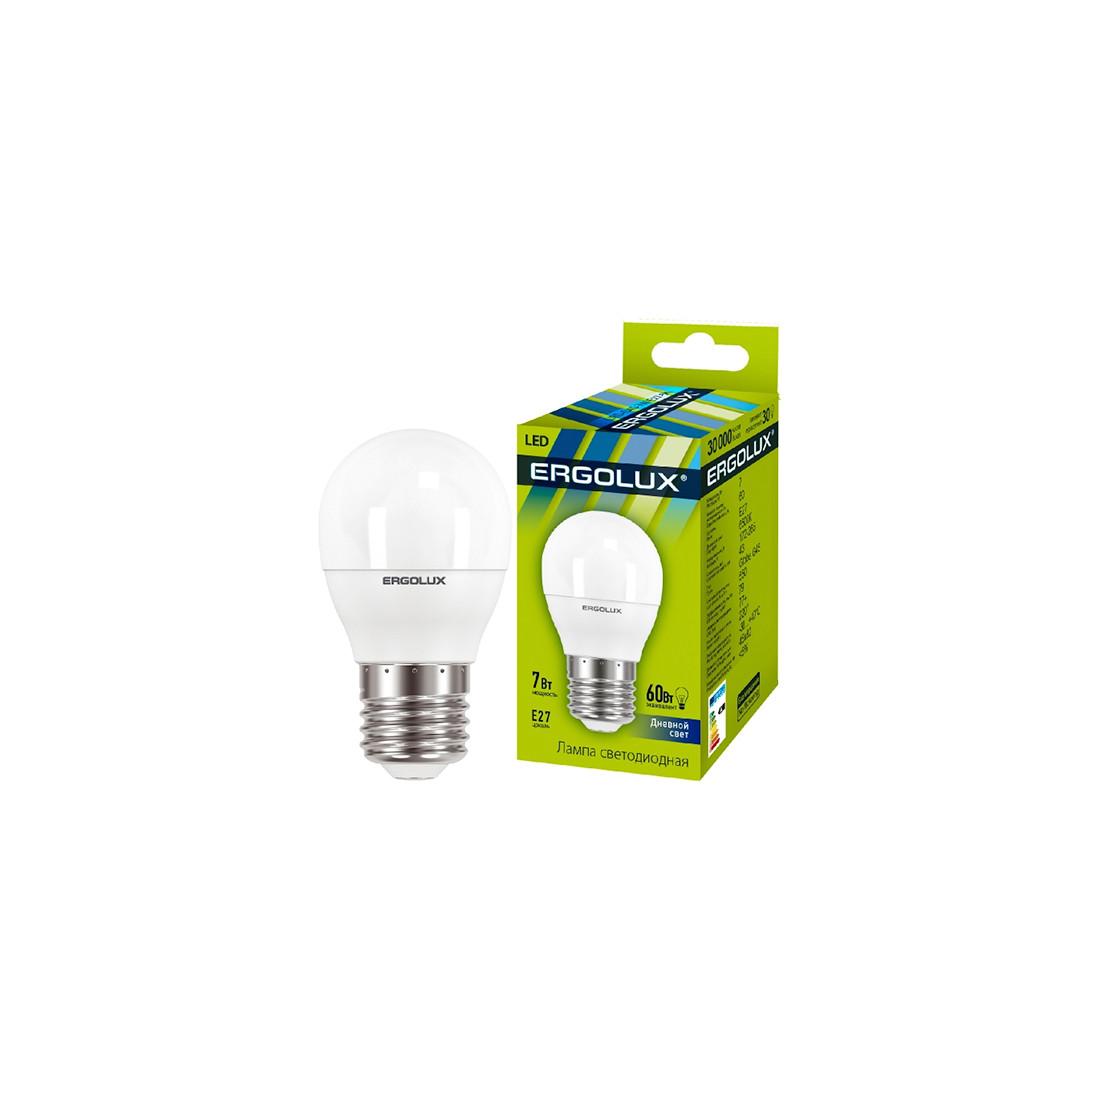 Эл. лампа светодиодная Ergolux G45/6500K/E27/7Вт, Дневной